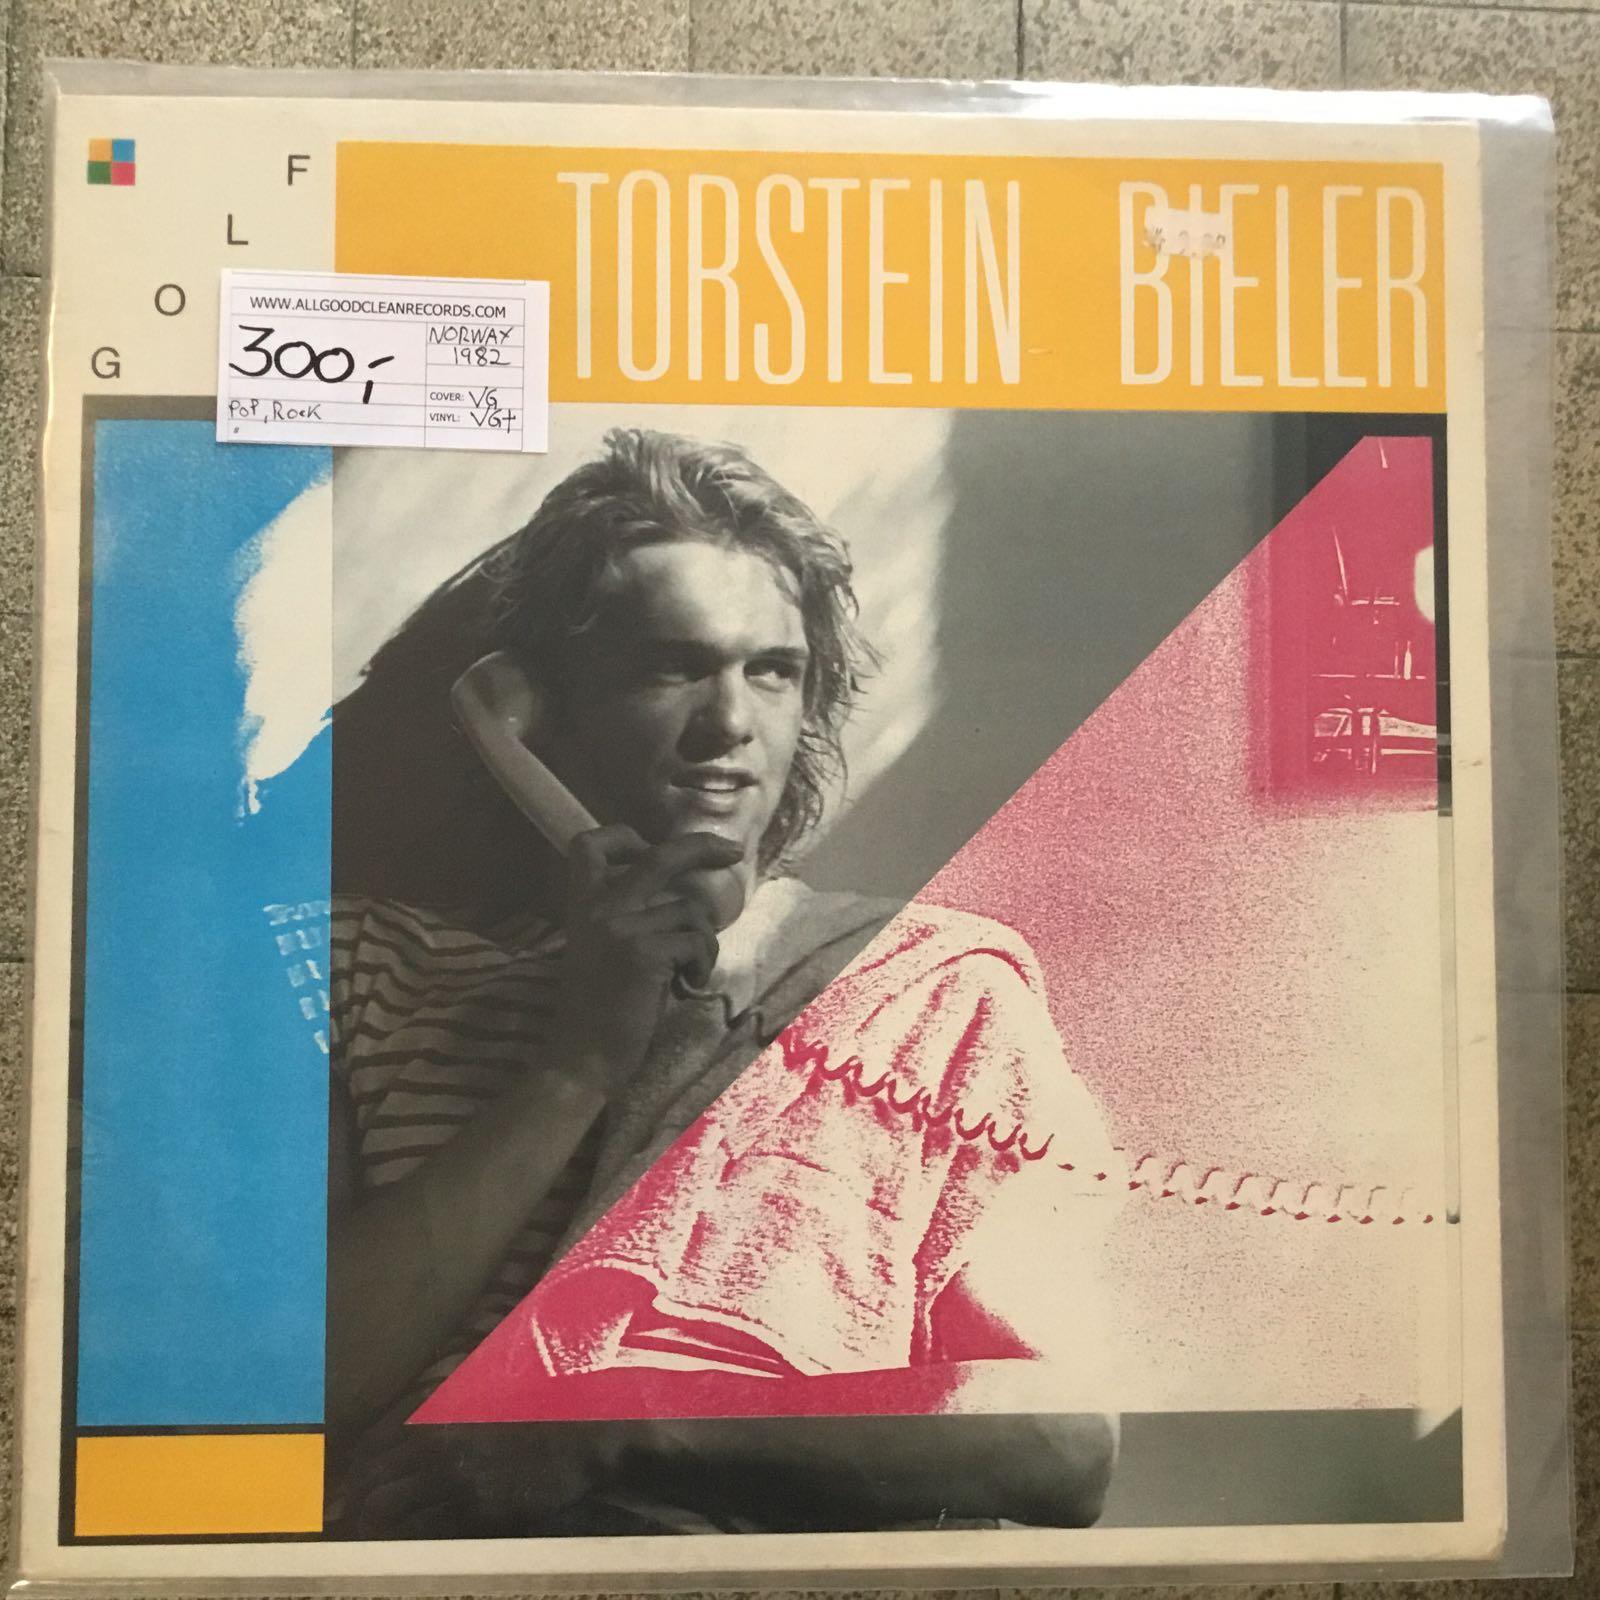 Torstein Bieler – Golf [LP] (2. hand)